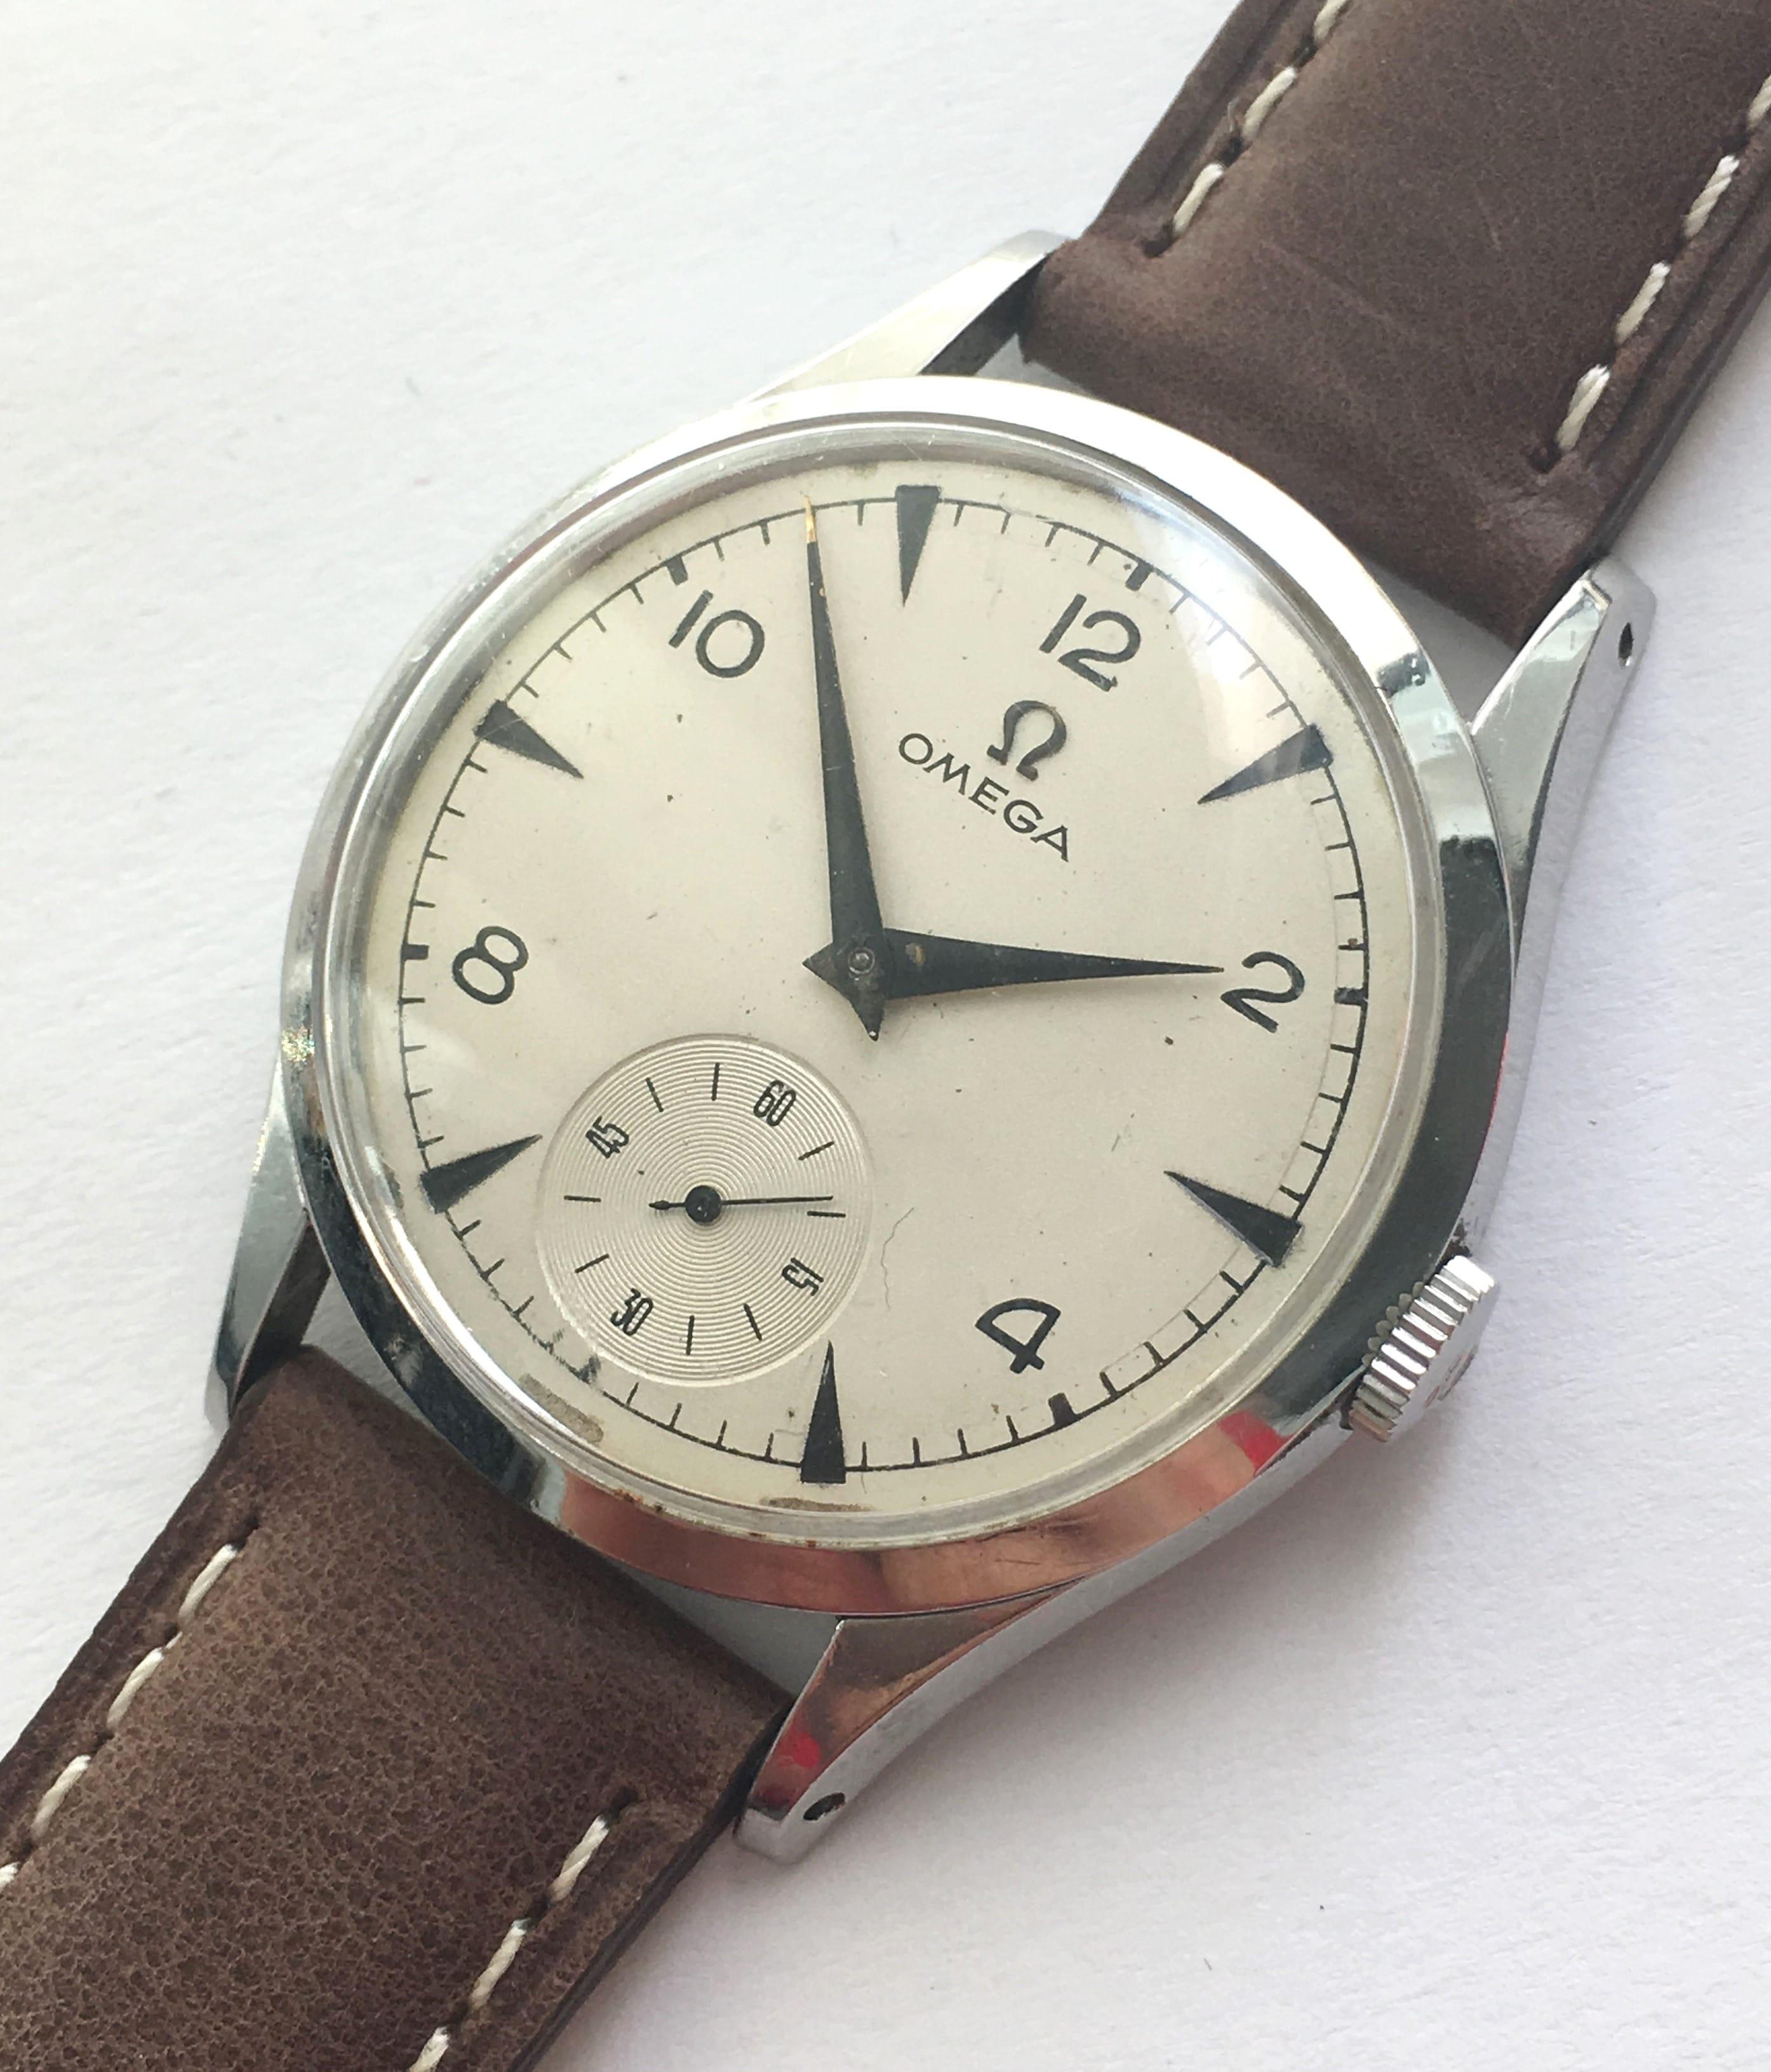 Omega 35mm vintage watch from 1955 vintage portfolio for Omega watch vintage